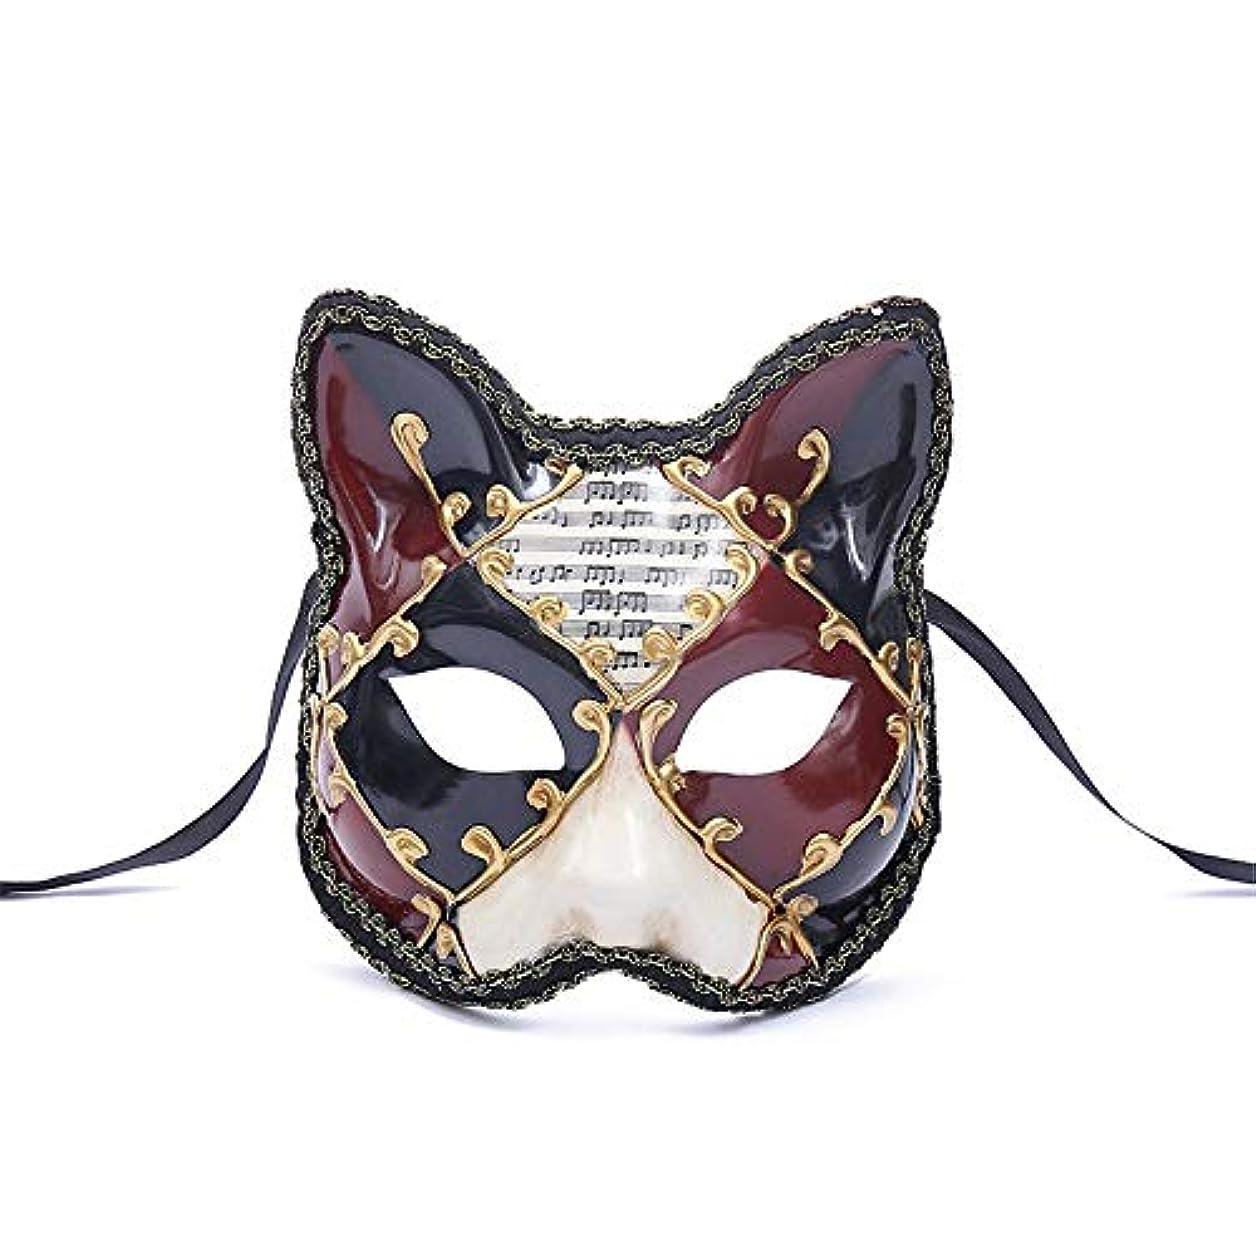 近似神の閲覧するダンスマスク 大きな猫アンティーク動物レトロコスプレハロウィーン仮装マスクナイトクラブマスク雰囲気フェスティバルマスク パーティーボールマスク (色 : 赤, サイズ : 17.5x16cm)